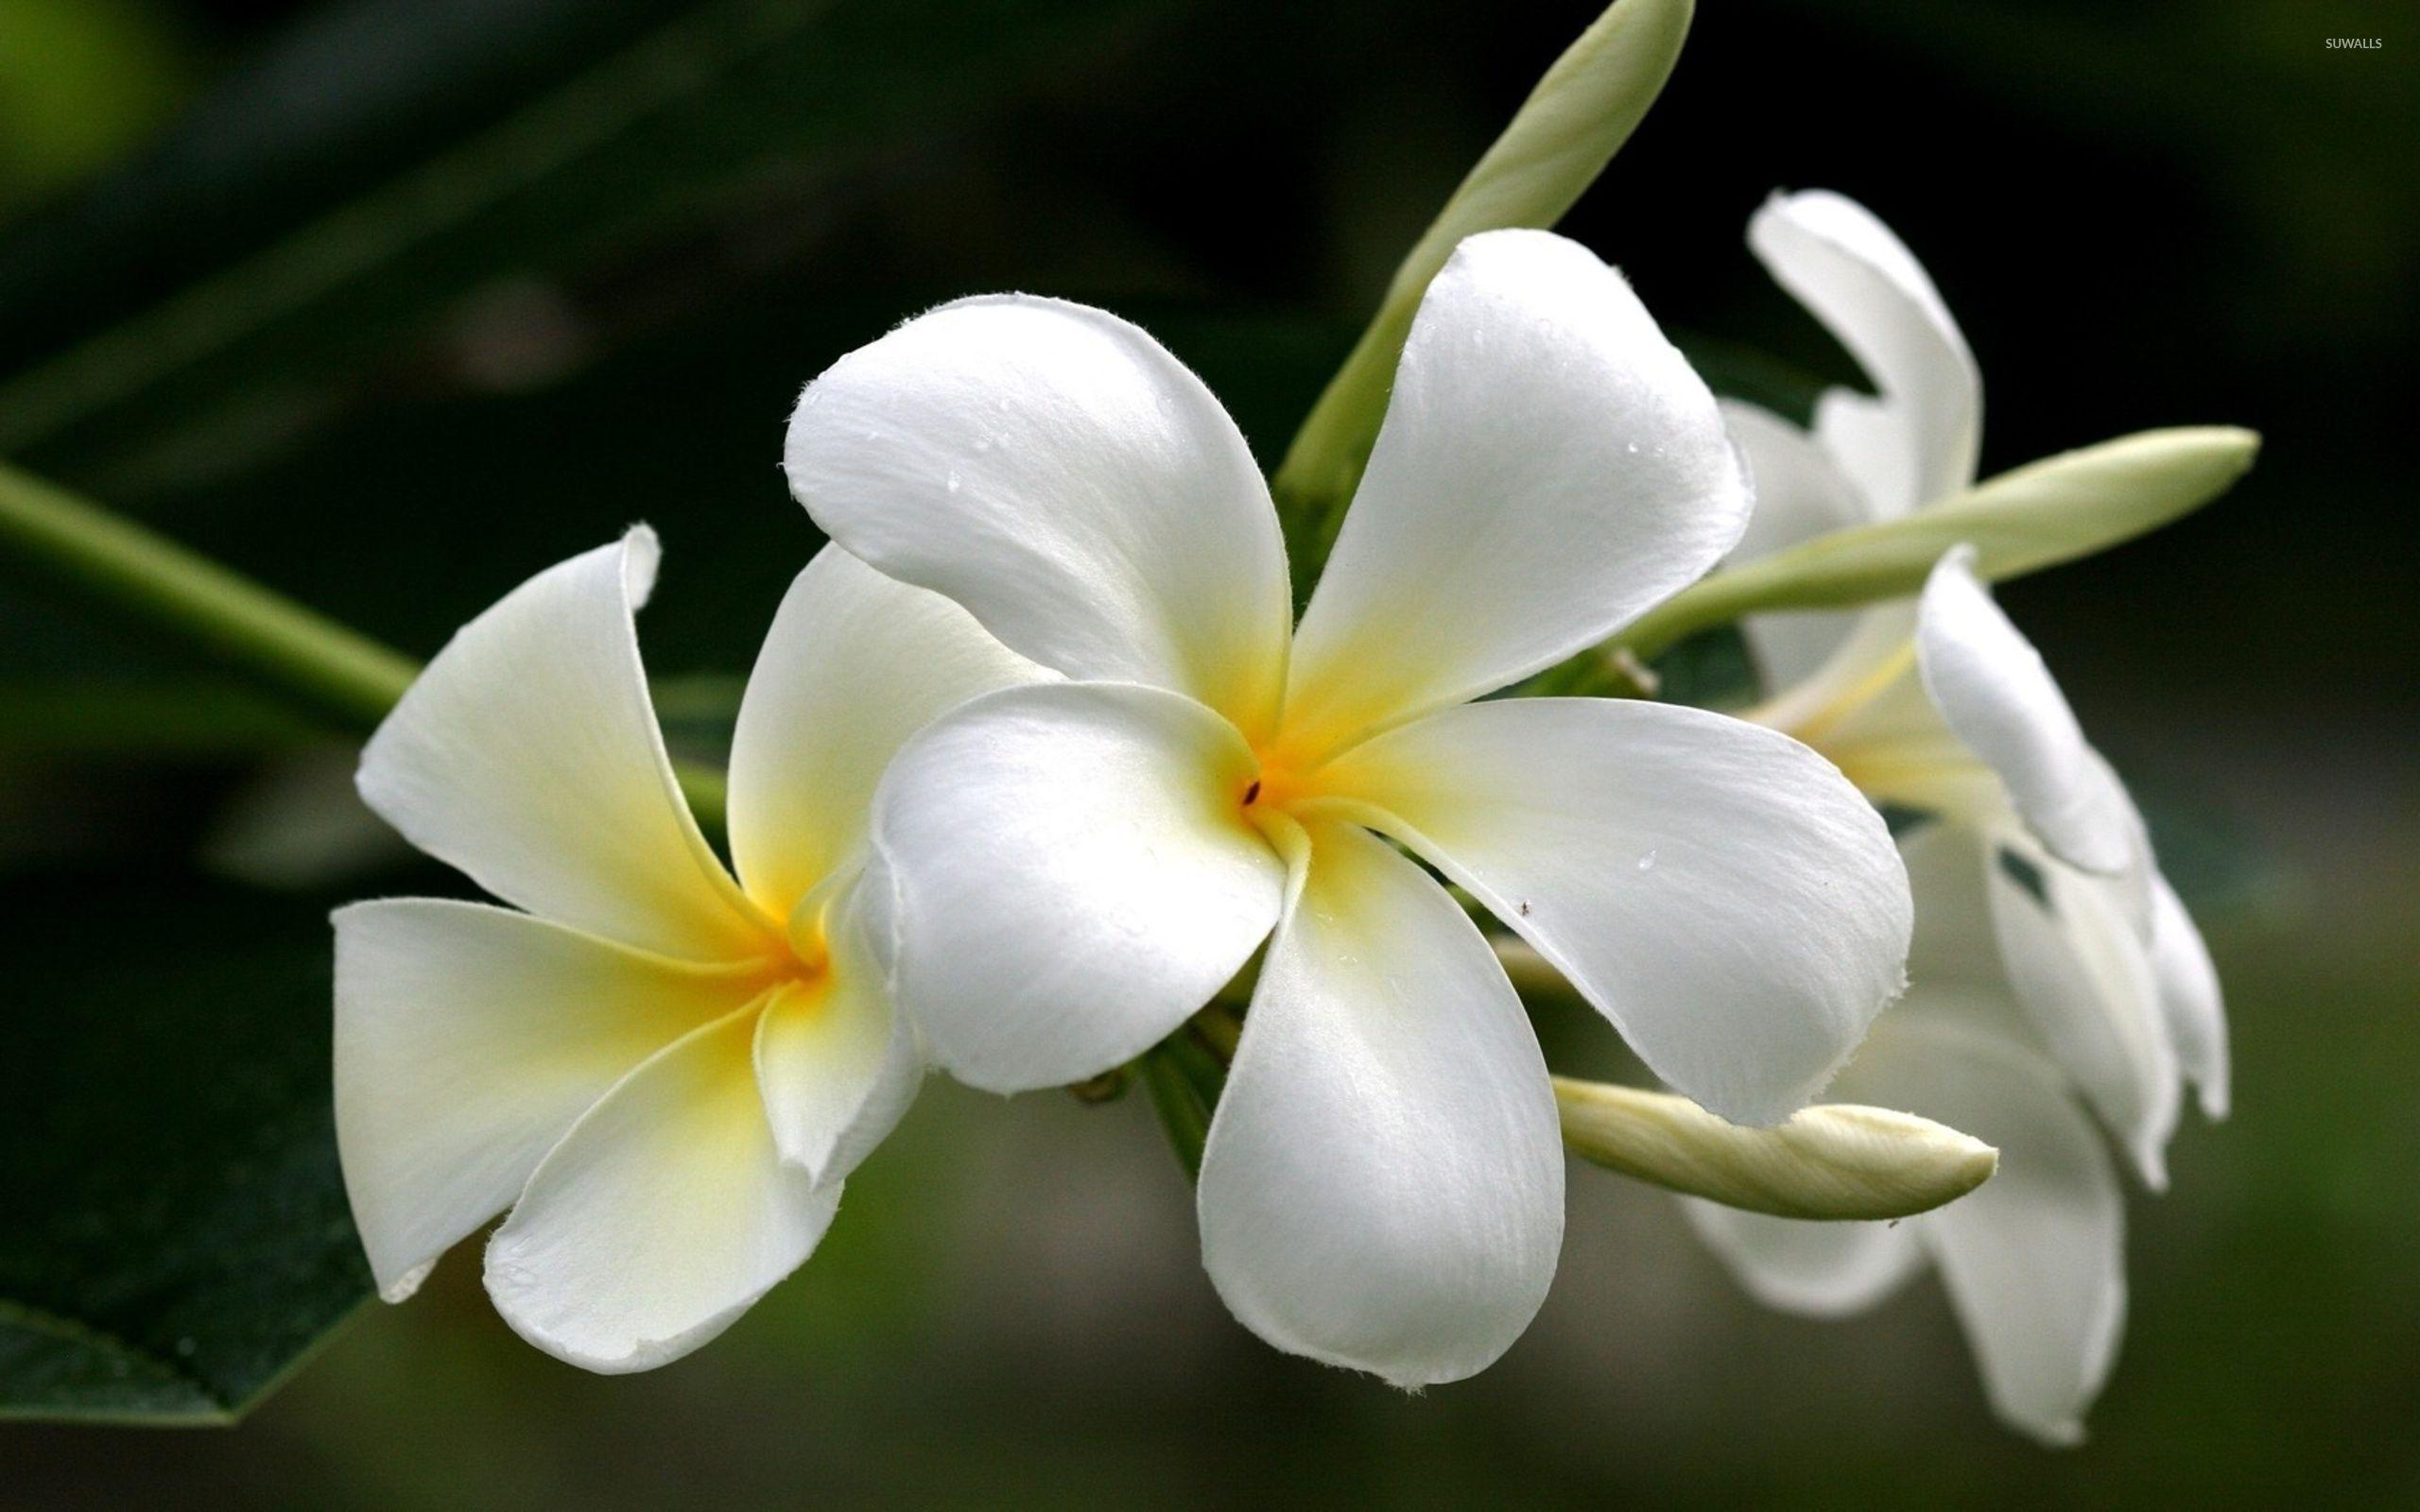 White plumeria wallpaper - Flower wallpapers - #34628